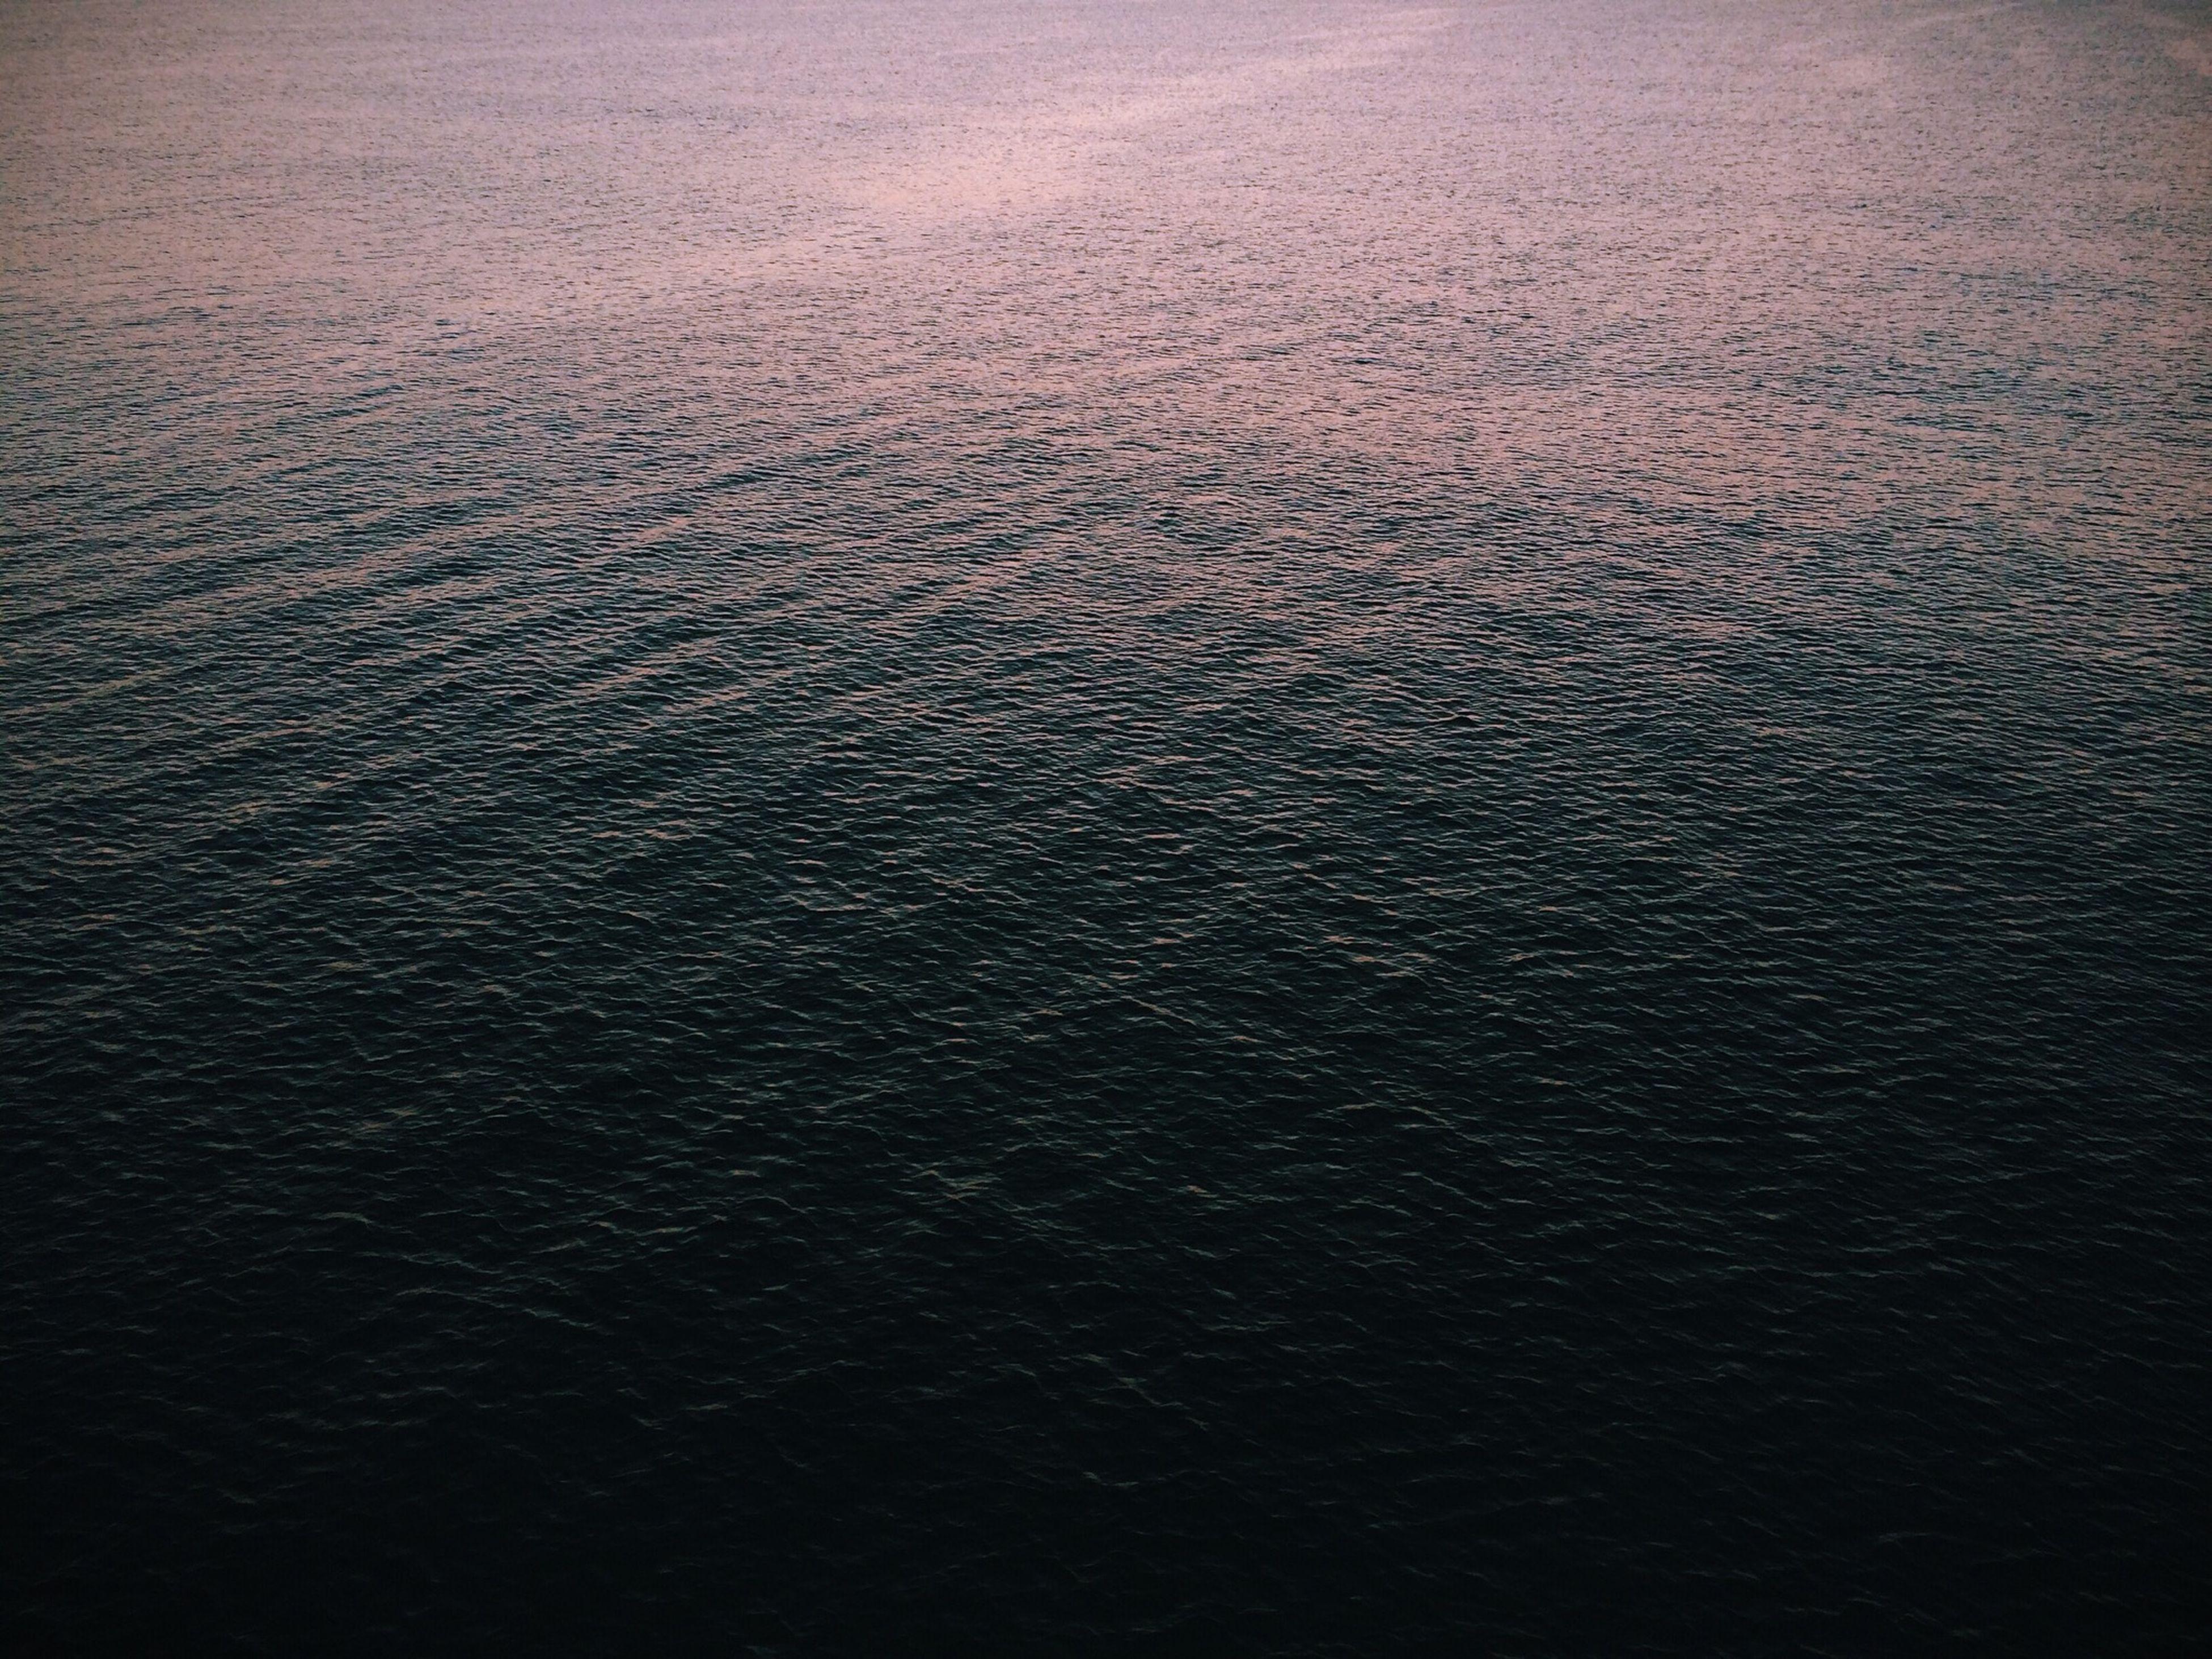 Sea Sunrise Water Waves Blacksea ManolValtchanov Bulgaria Burgas